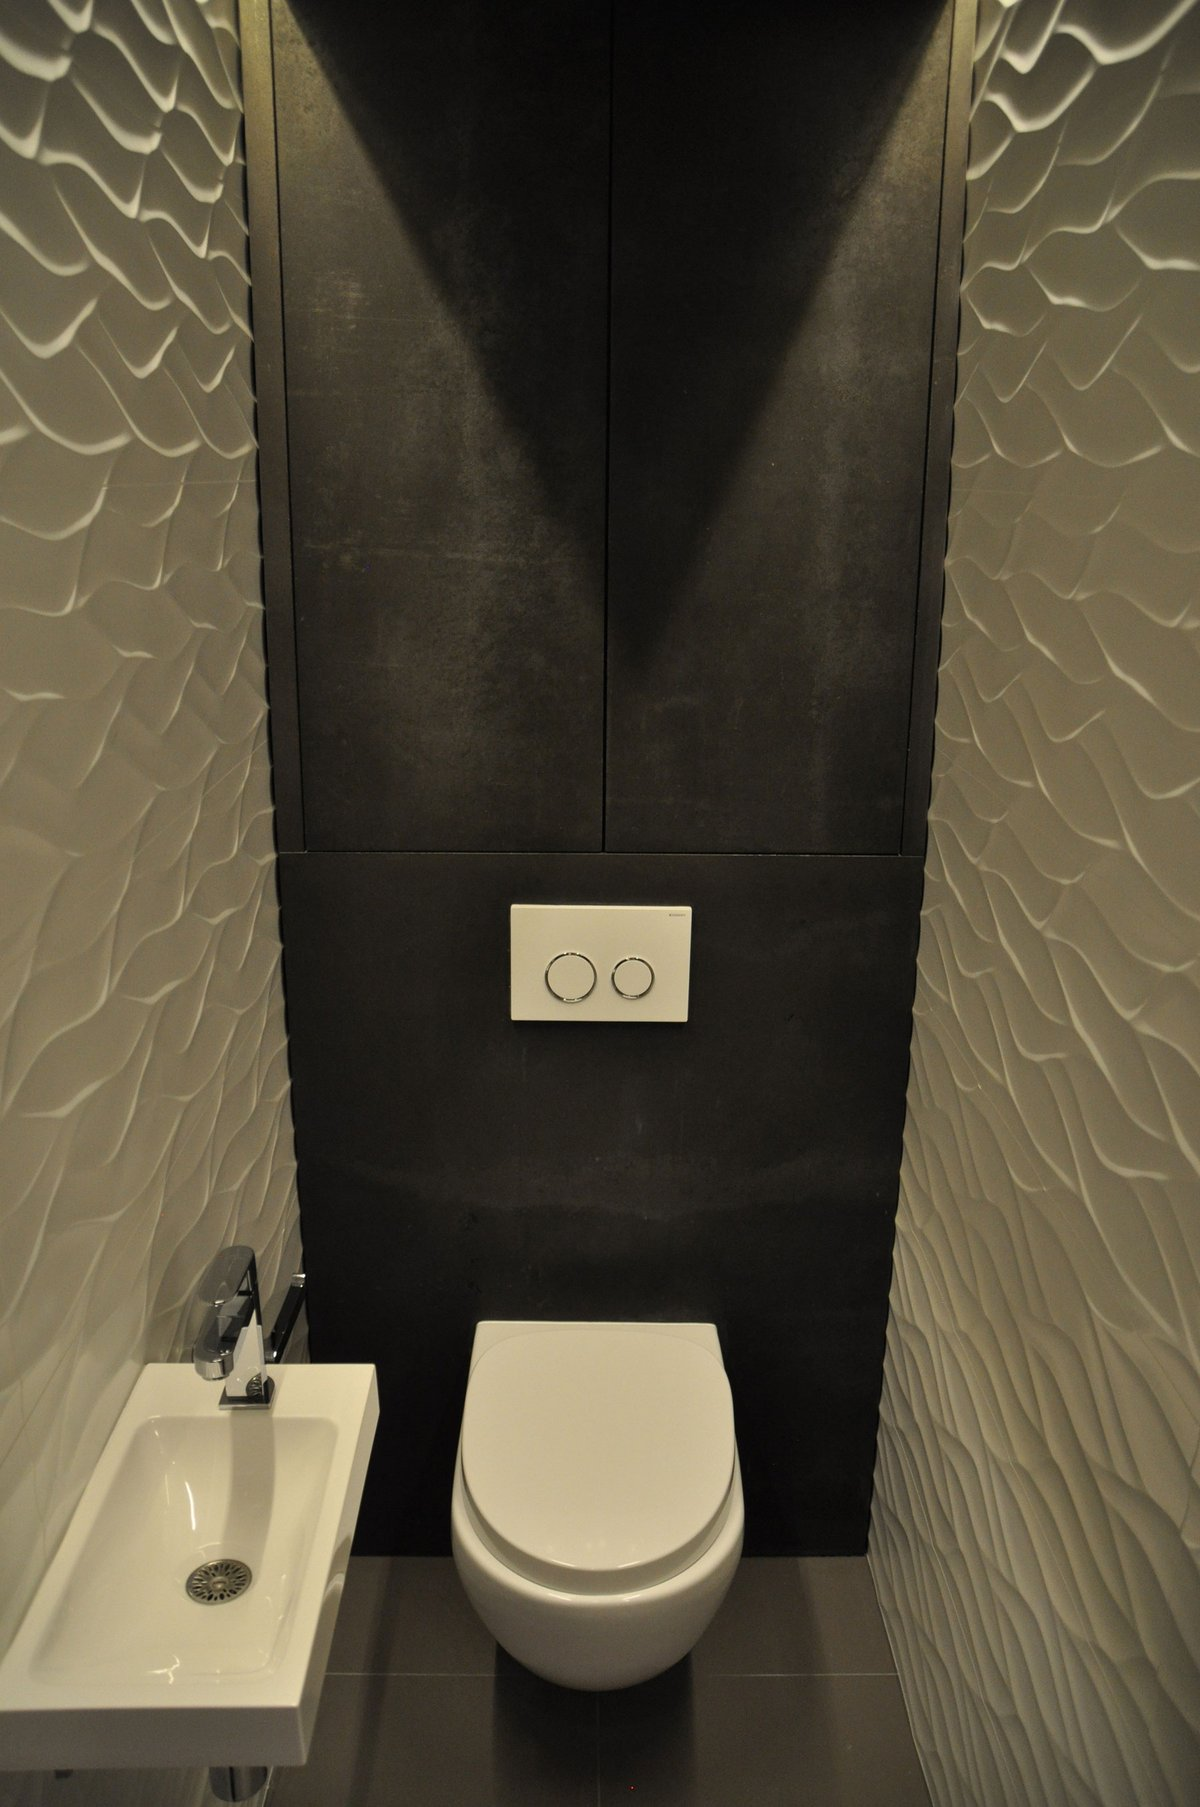 MYSPACEPLANNER, квартира в Париже фото, эксклюзивный интерьер квартиры фото, интерьер в стиле минимализма фото, черно-белый интерьер квартиры фото